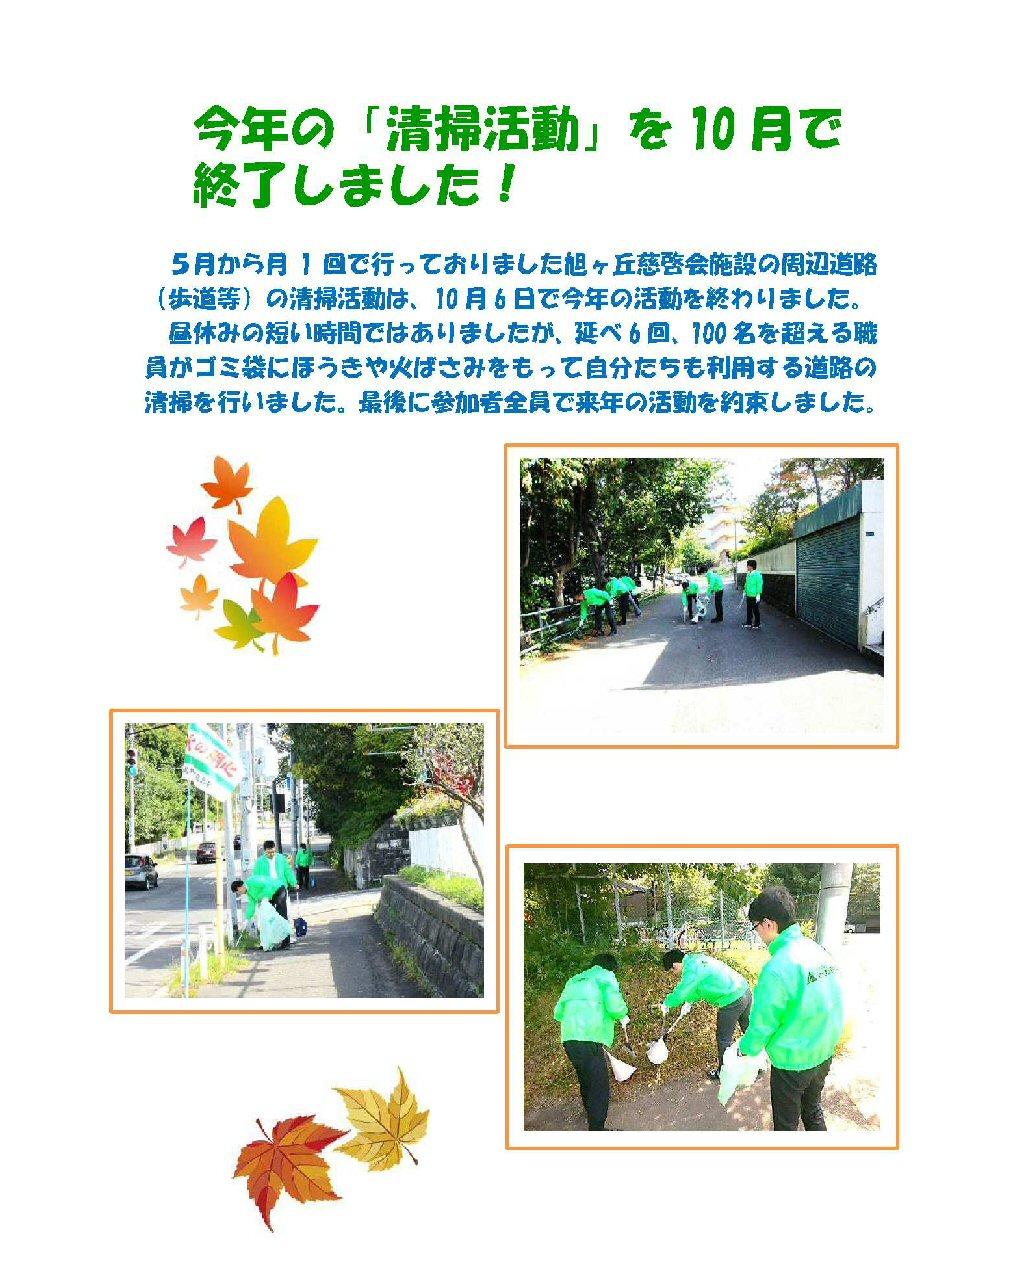 清掃活動終了29.10.12